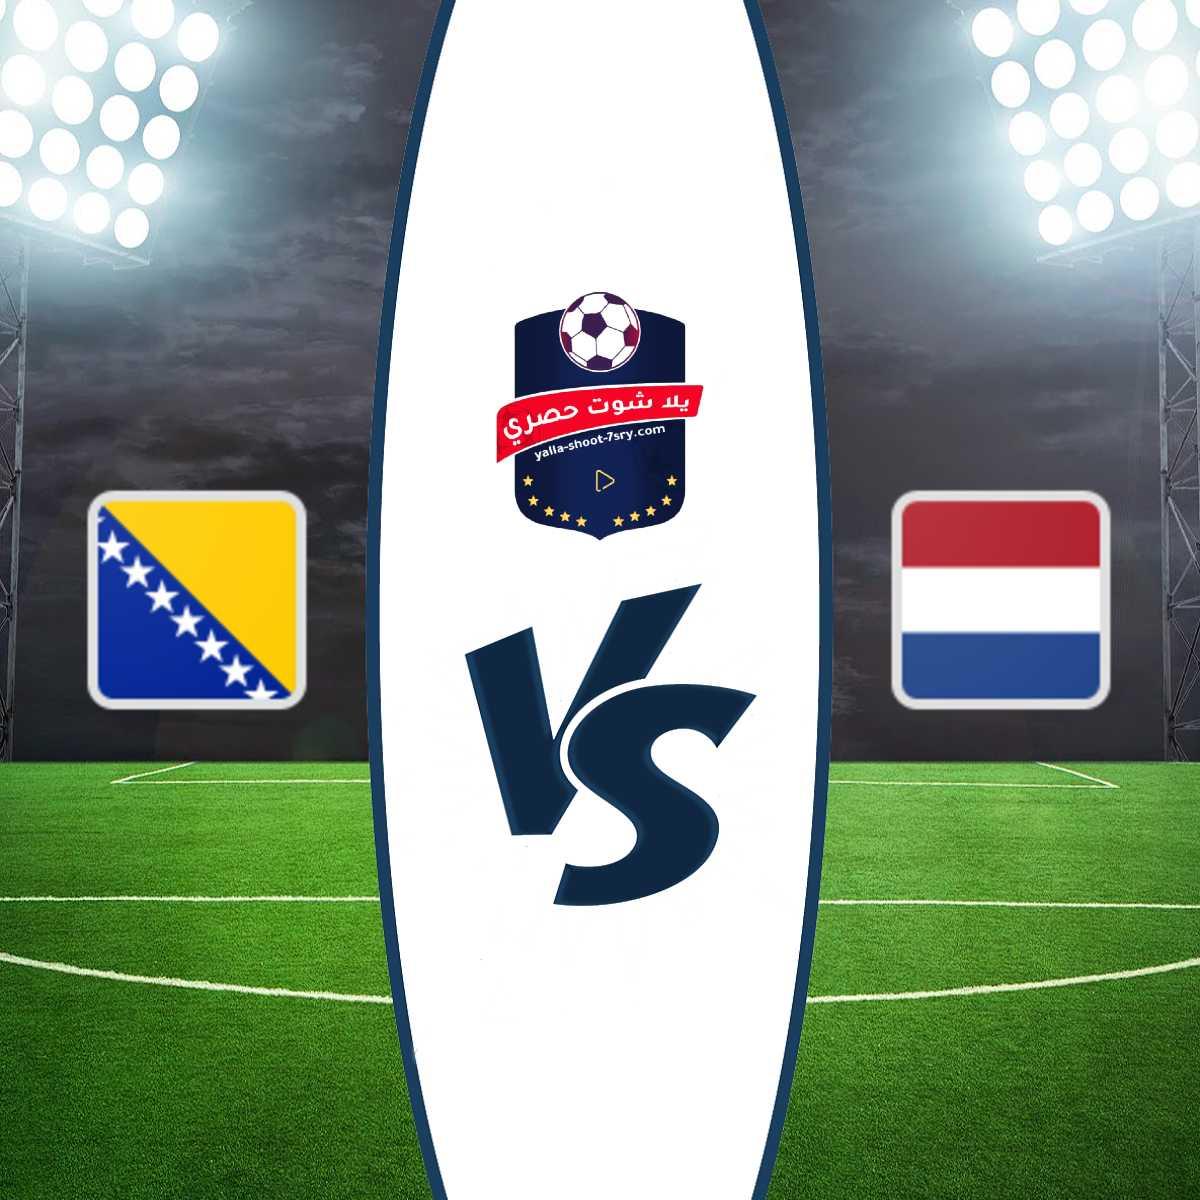 مشاهدة مباراة هولندا والبوسنة والهرسك